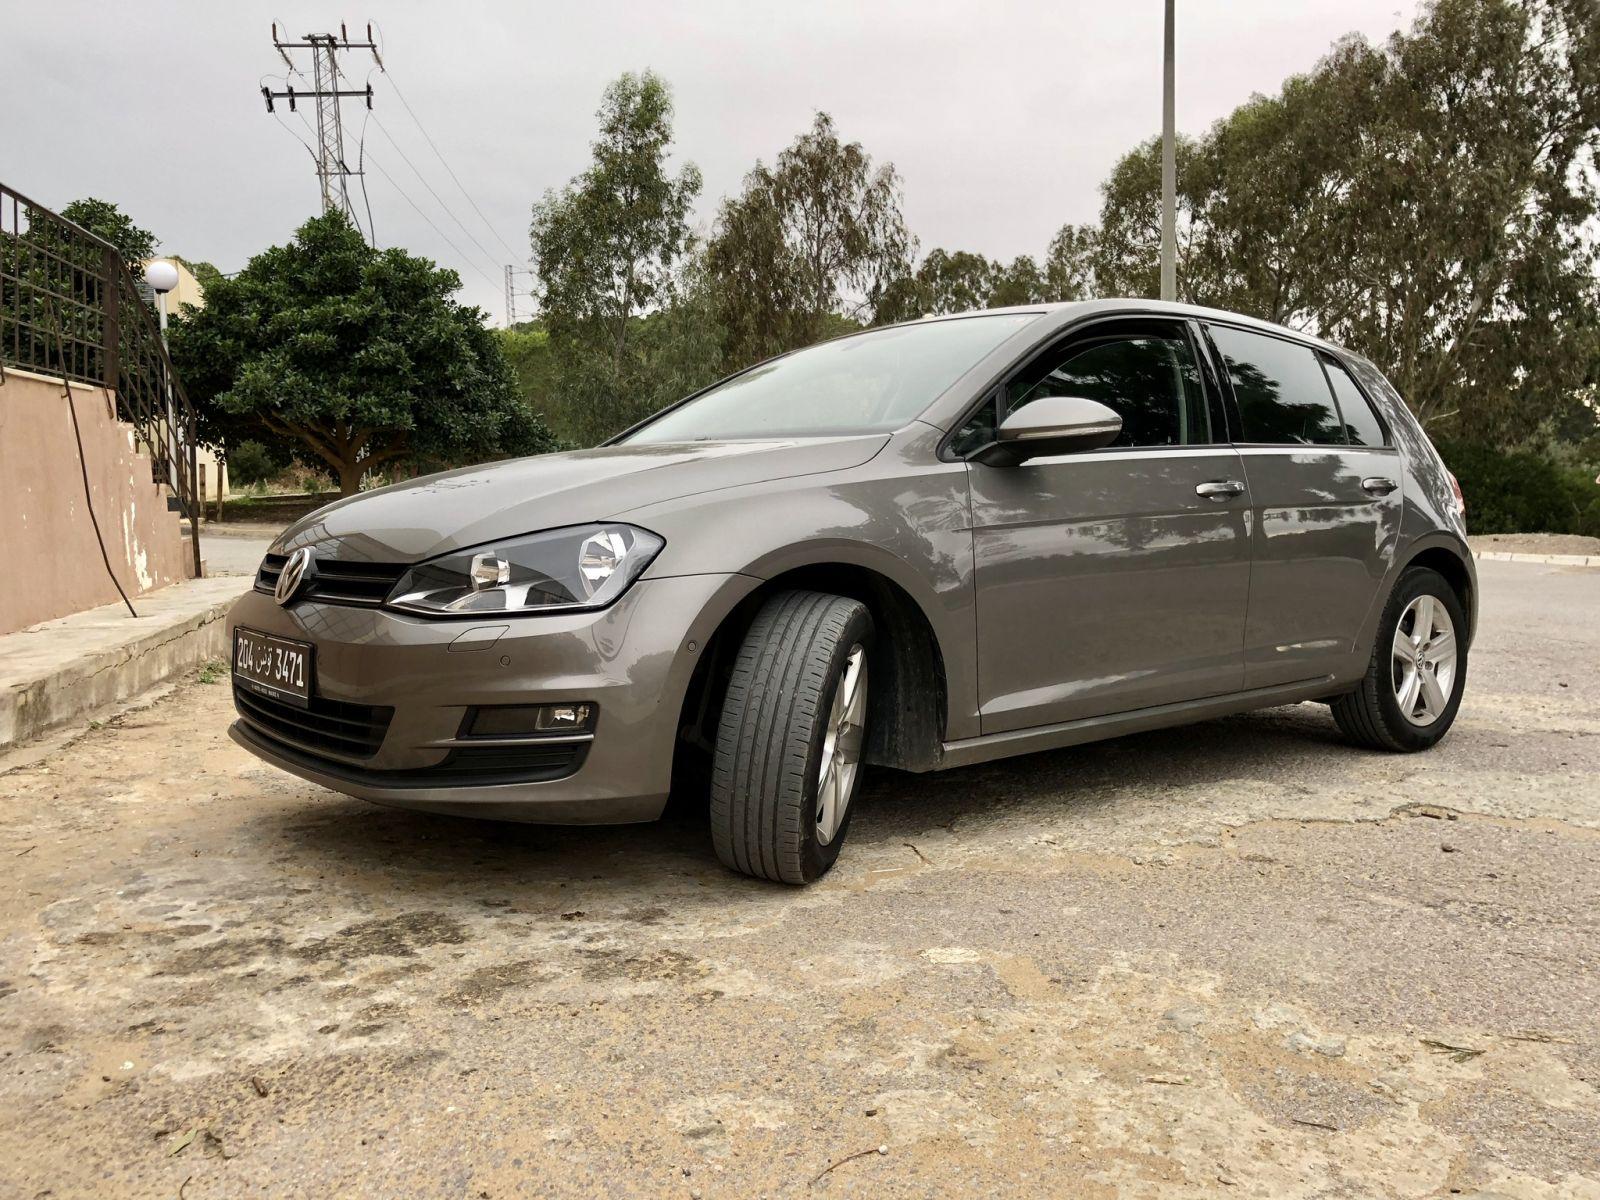 سيارة Volkswagen Golf 9 مستعملة - السعر في تونس - autoprix.tn